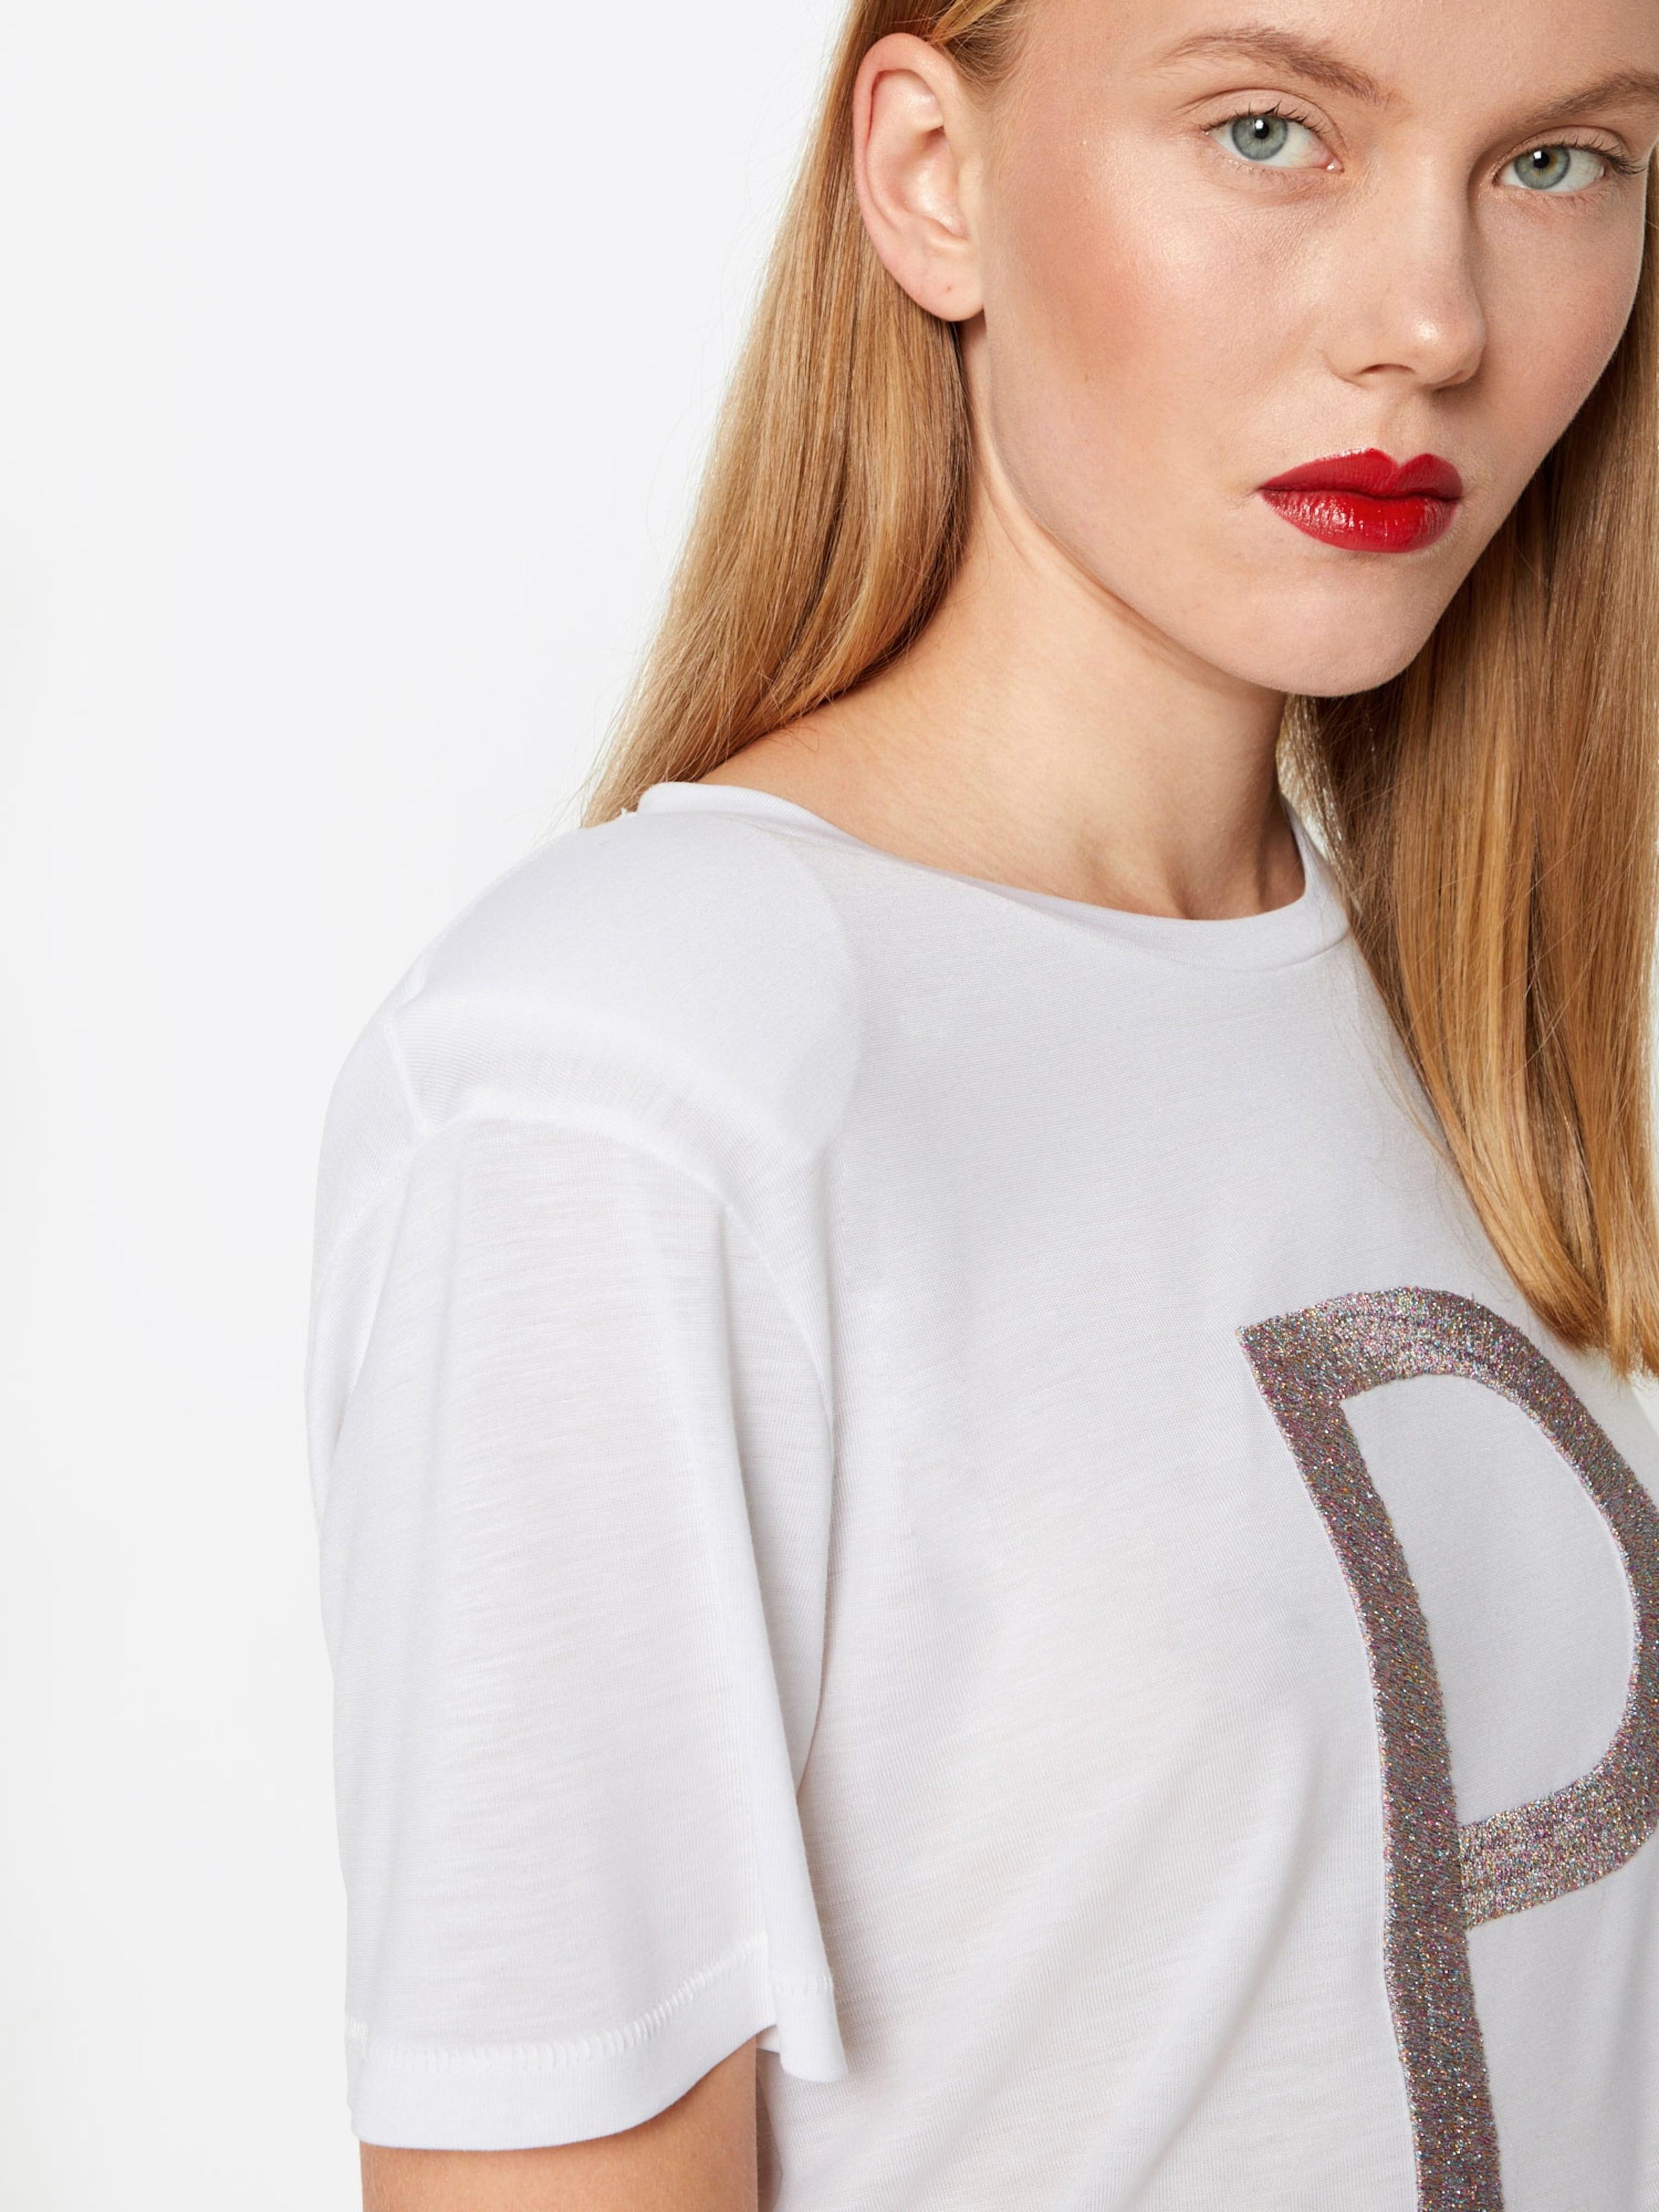 Blanc En shirt Tee' T 'poshortensia Postyr F3KJTlu1c